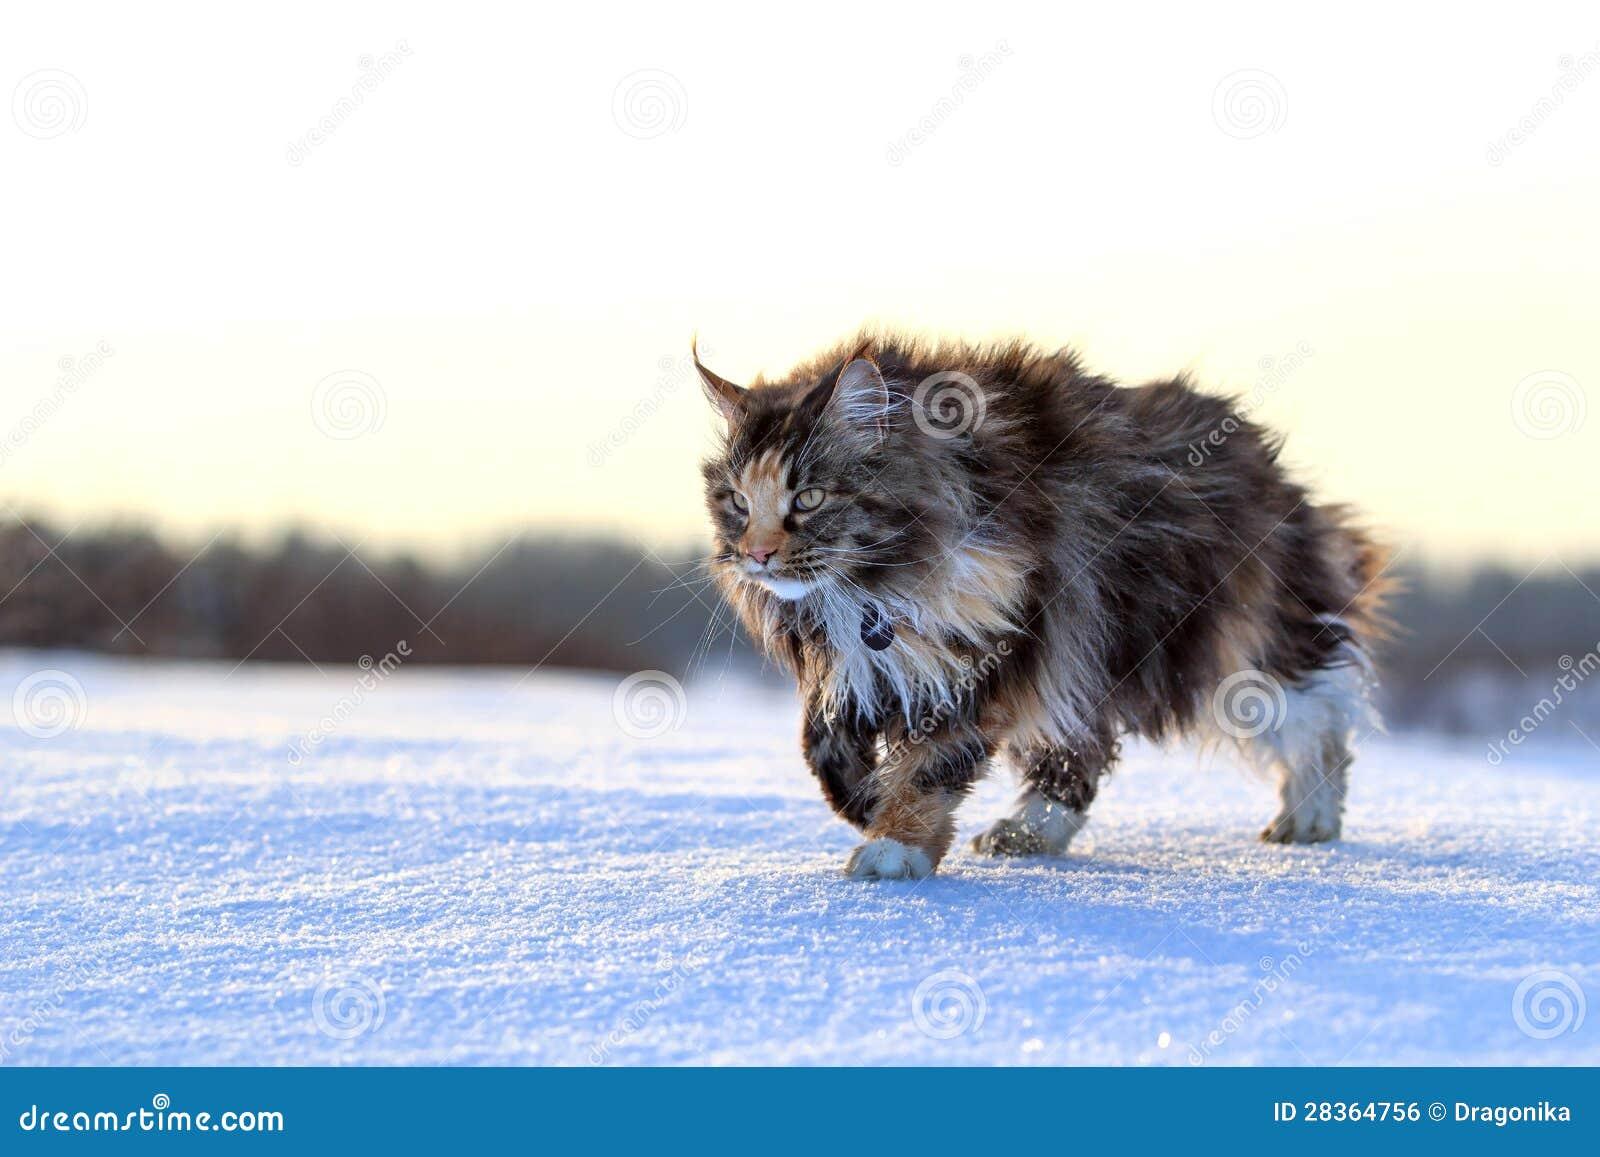 katze auf schnee stockfoto bild von schnee field kitten. Black Bedroom Furniture Sets. Home Design Ideas